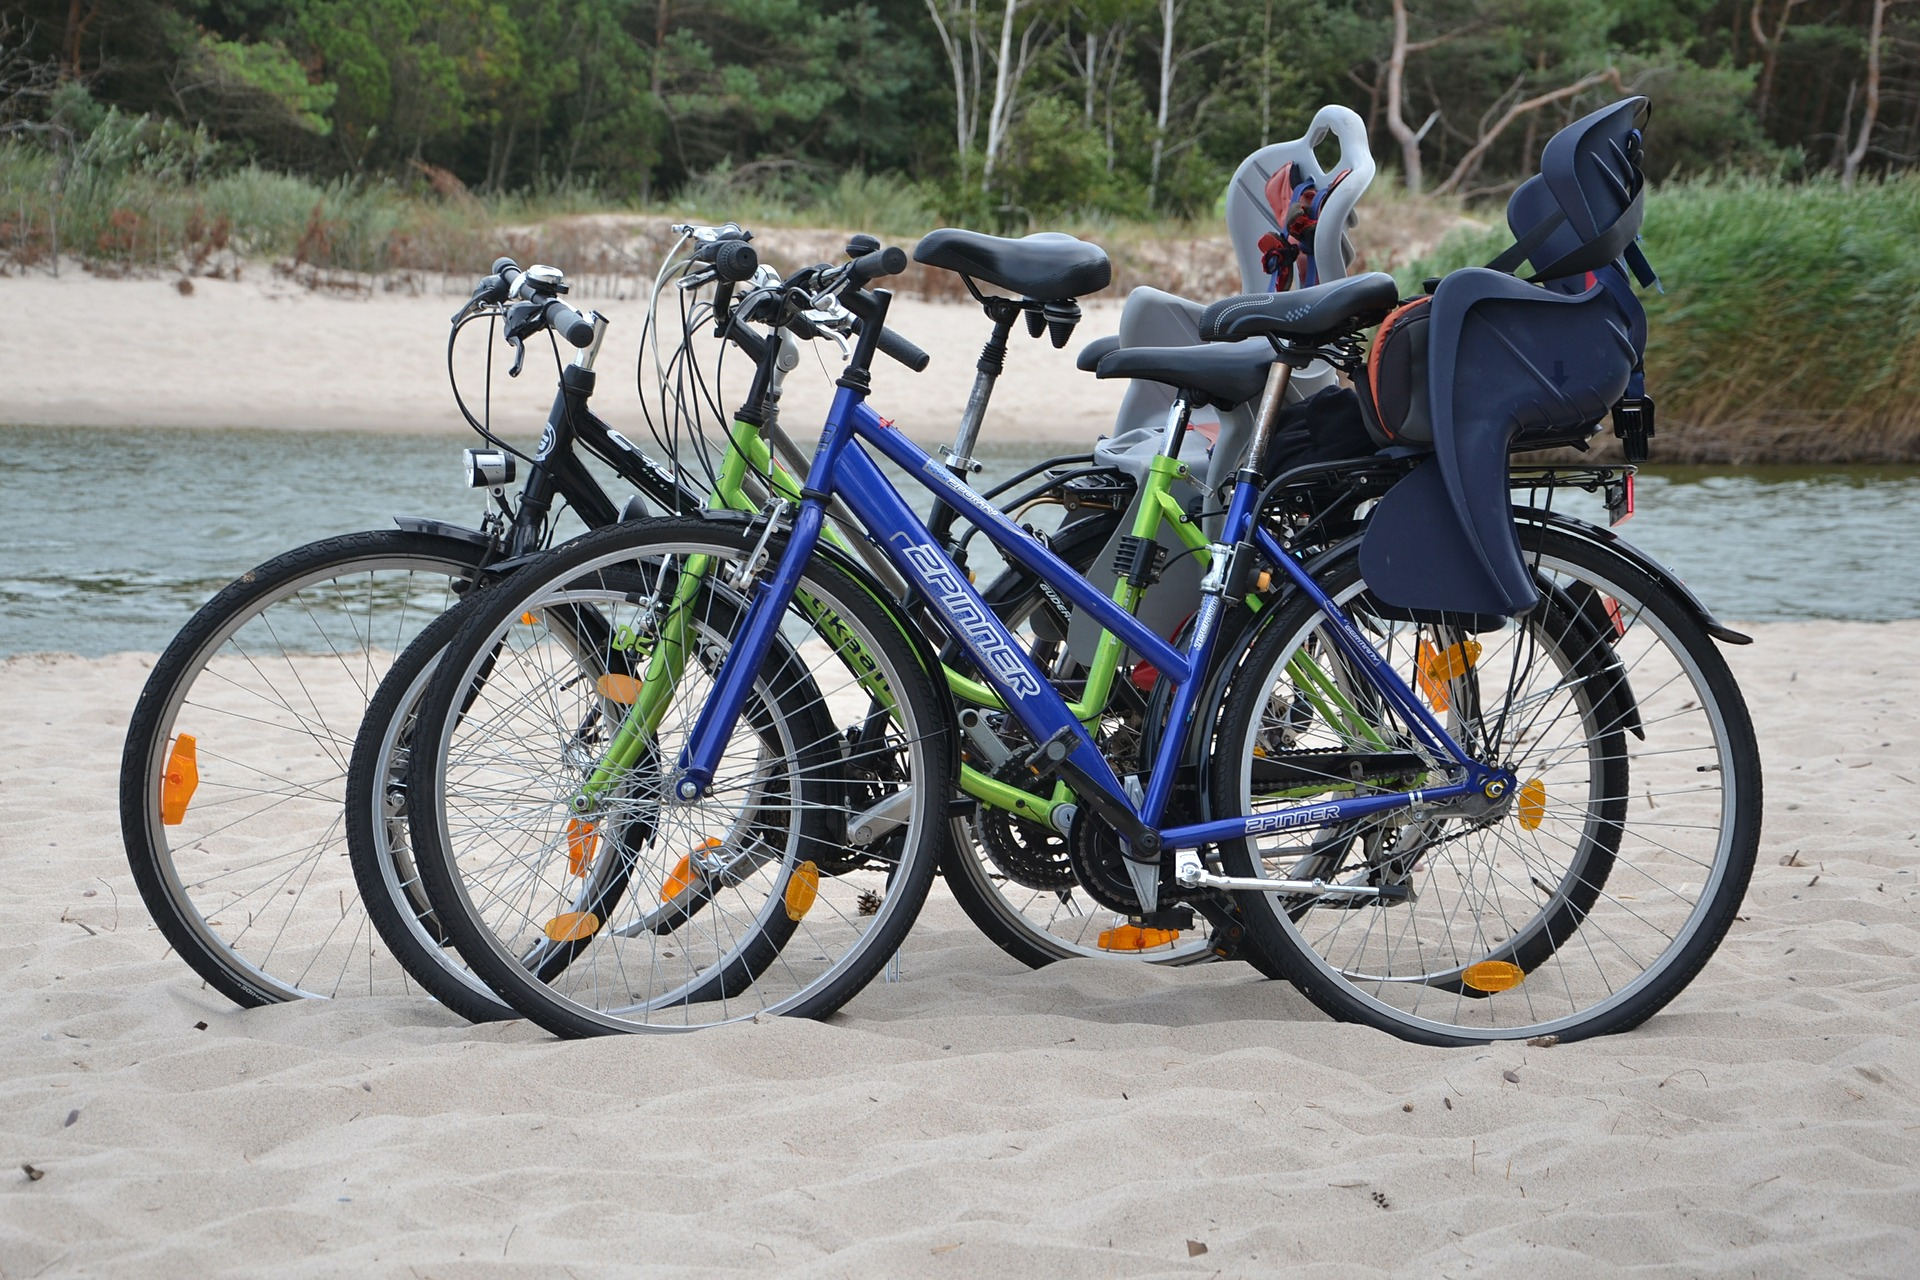 Installez un porte bébé vélo sur votre cadre pour se promener confortablement avec votre enfant!